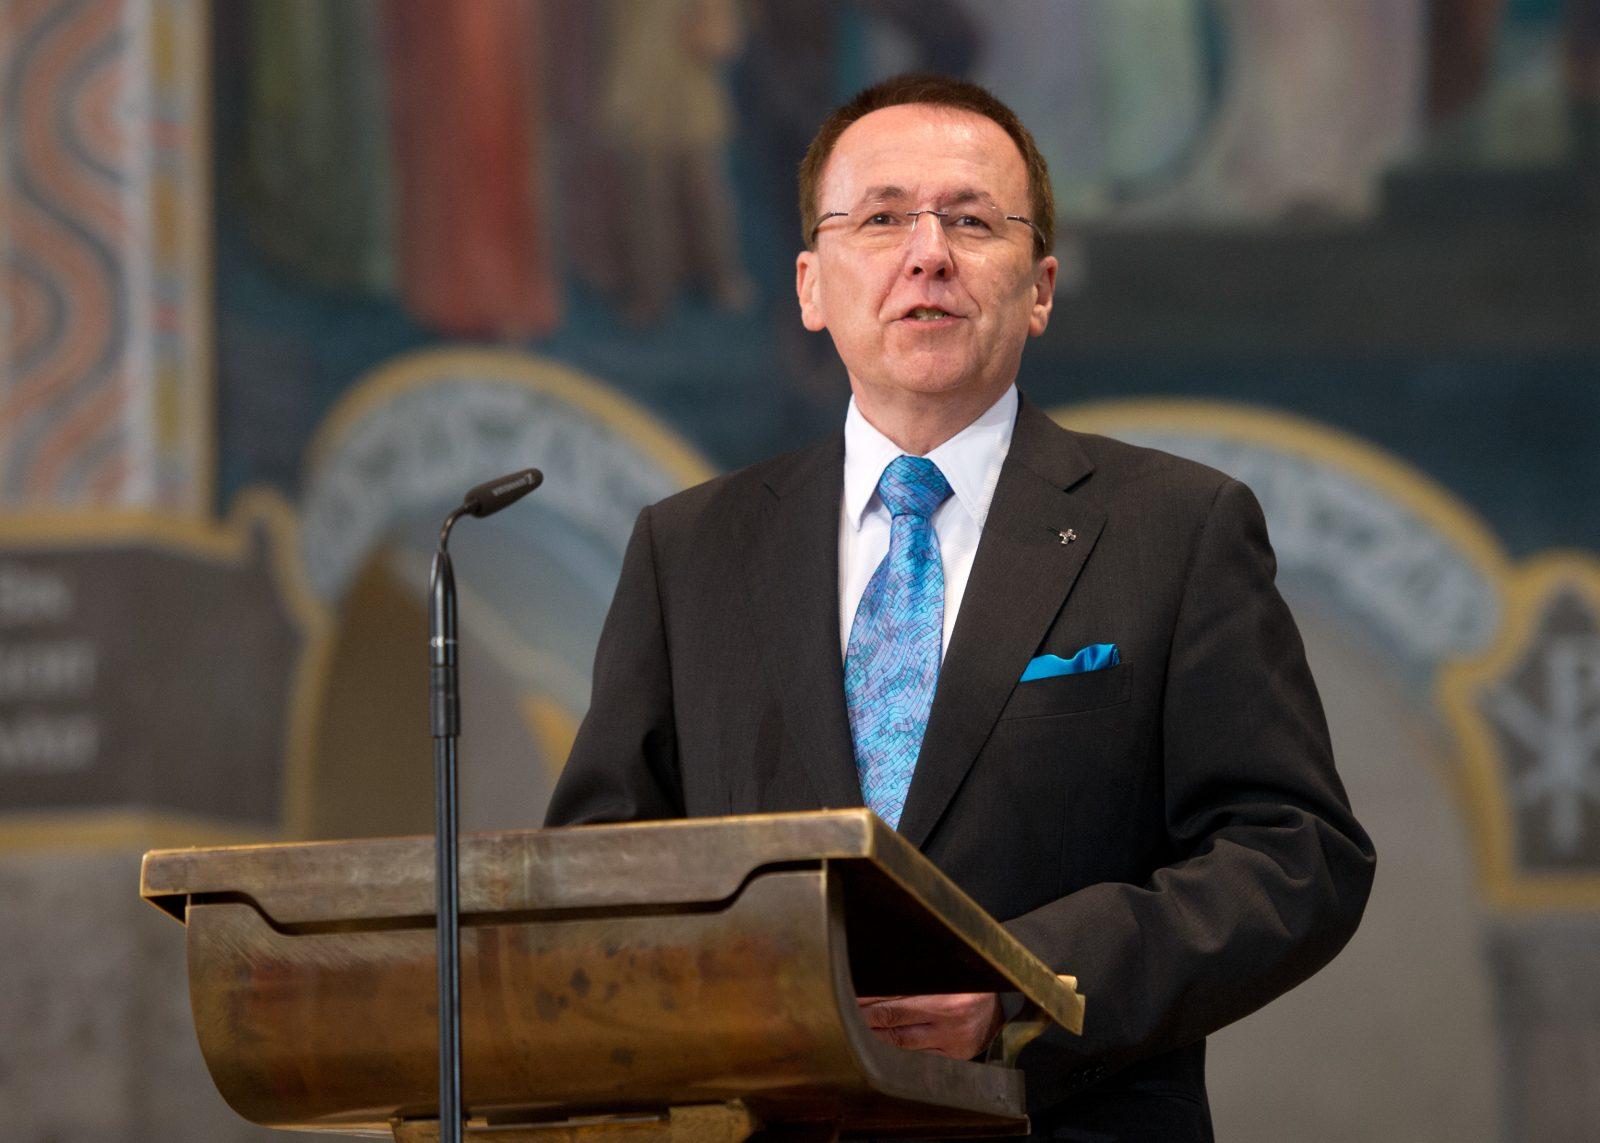 Der Direktor der Evangelischen Akademie Tutzing, Udo Hahn fordert Kirchen auf, Rassismus und Antisemitismus intensiver zu bekämpfe